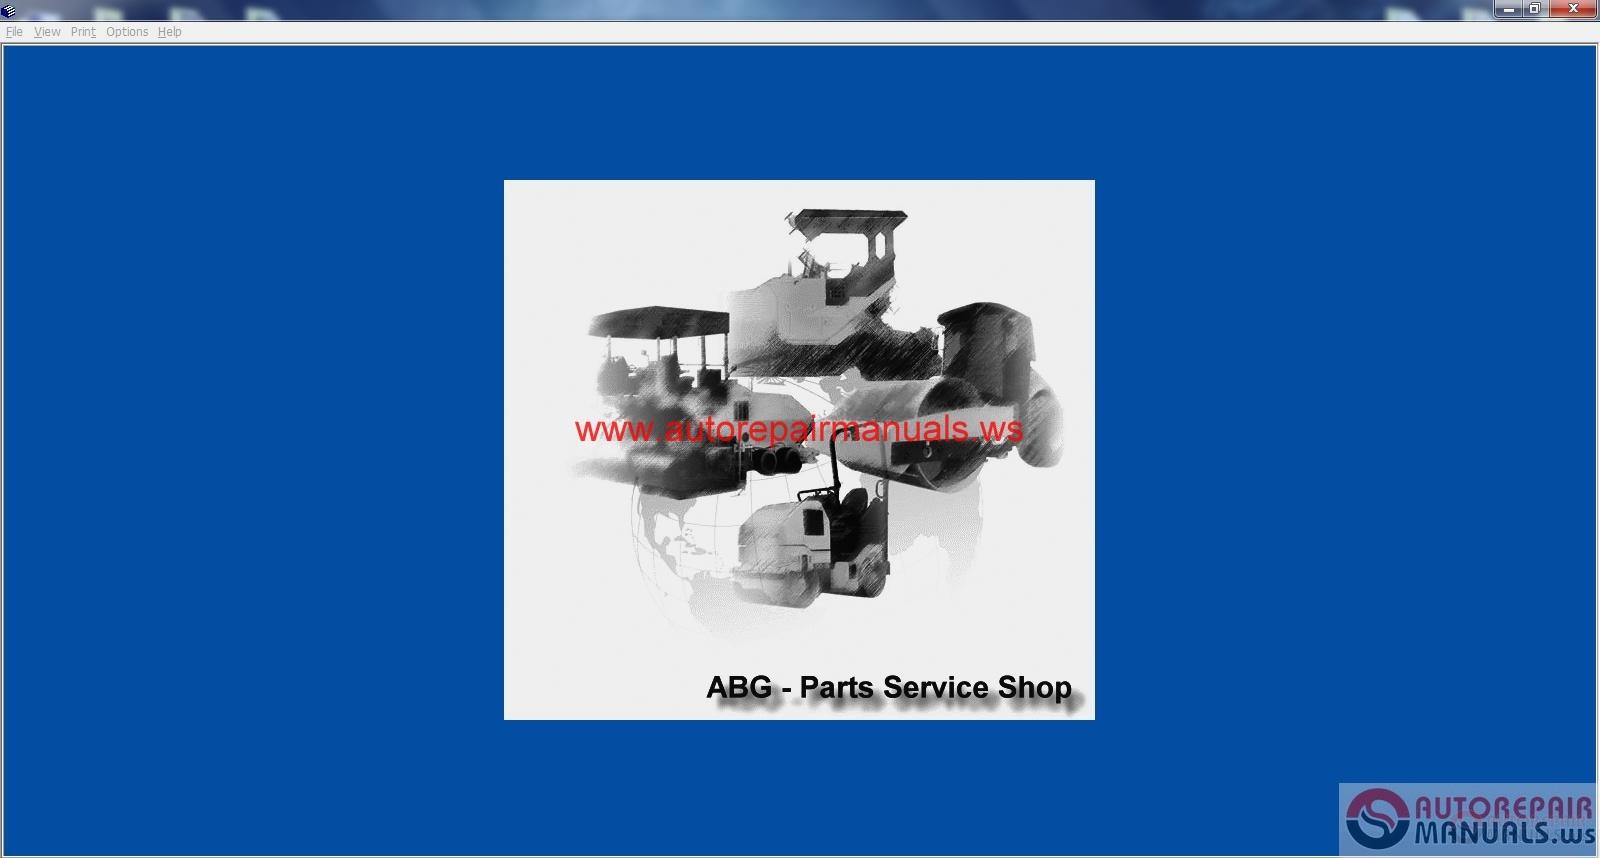 abg parts service shop 2009 ingersoll rand volvo auto roller alexander dd95 1 roller alexander dd85 1 compactor dd24 624 compactor dd22 622 compactor sd122d tf european version